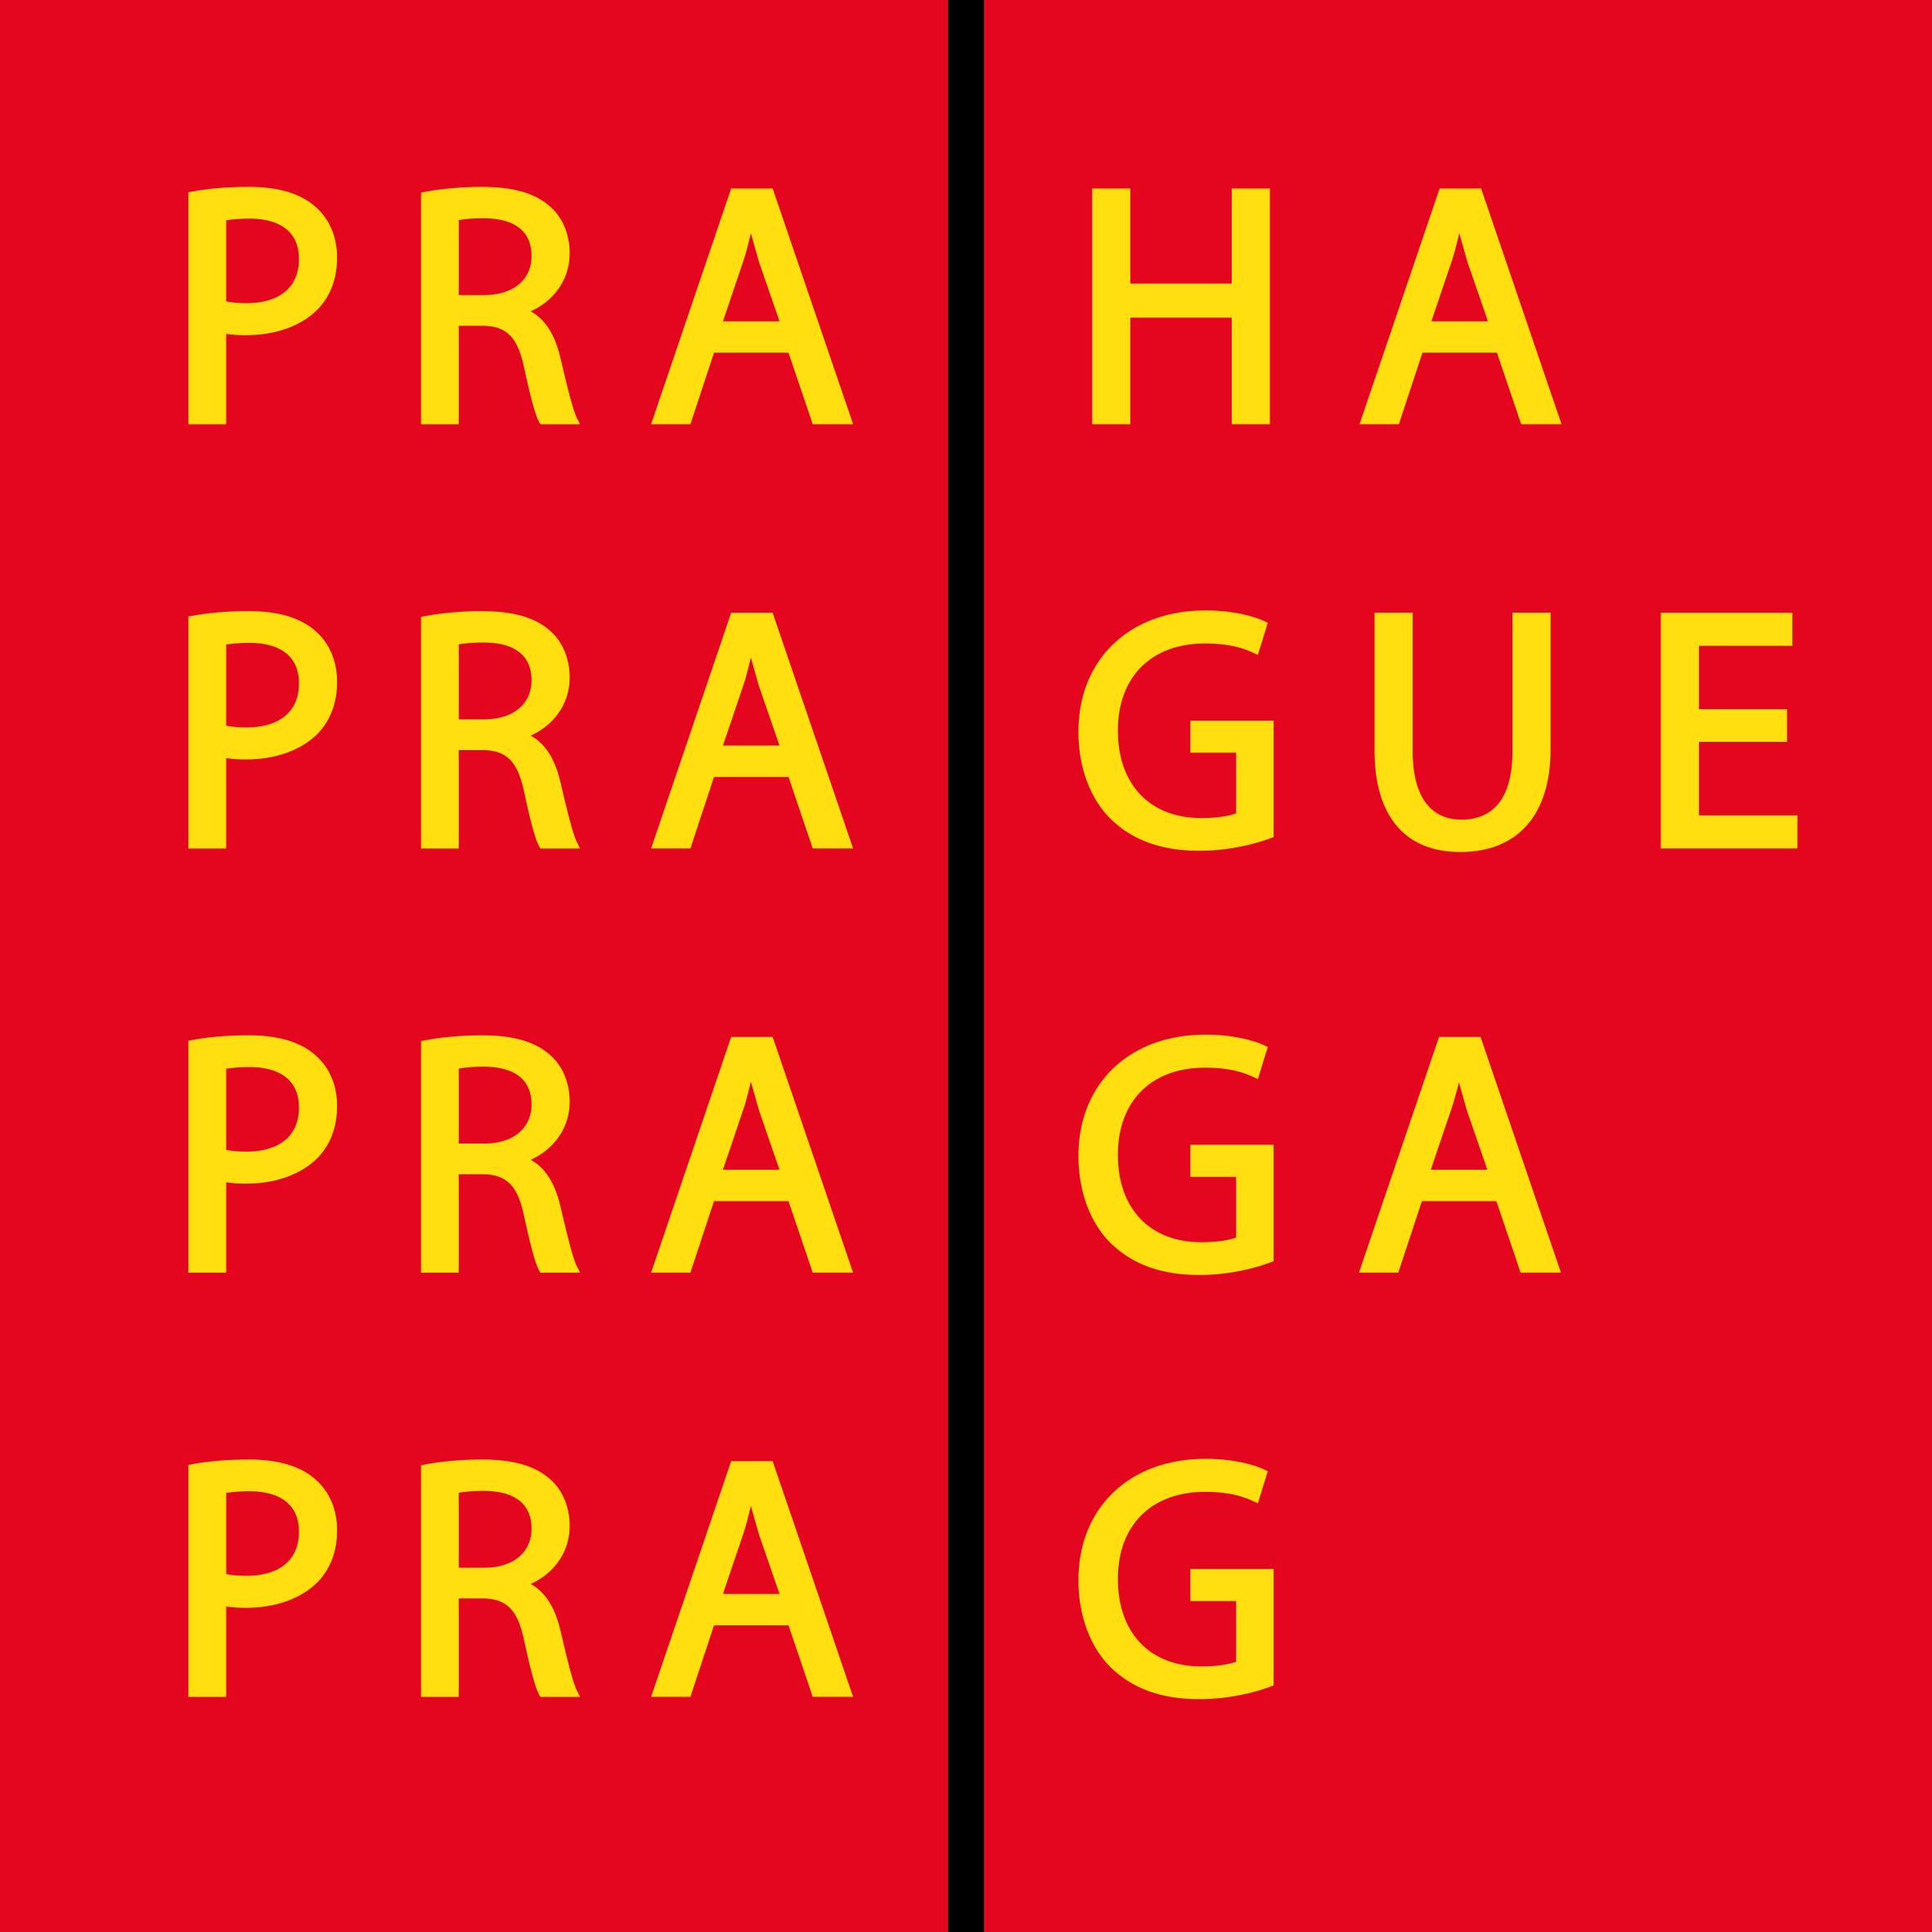 Praha_logo.png